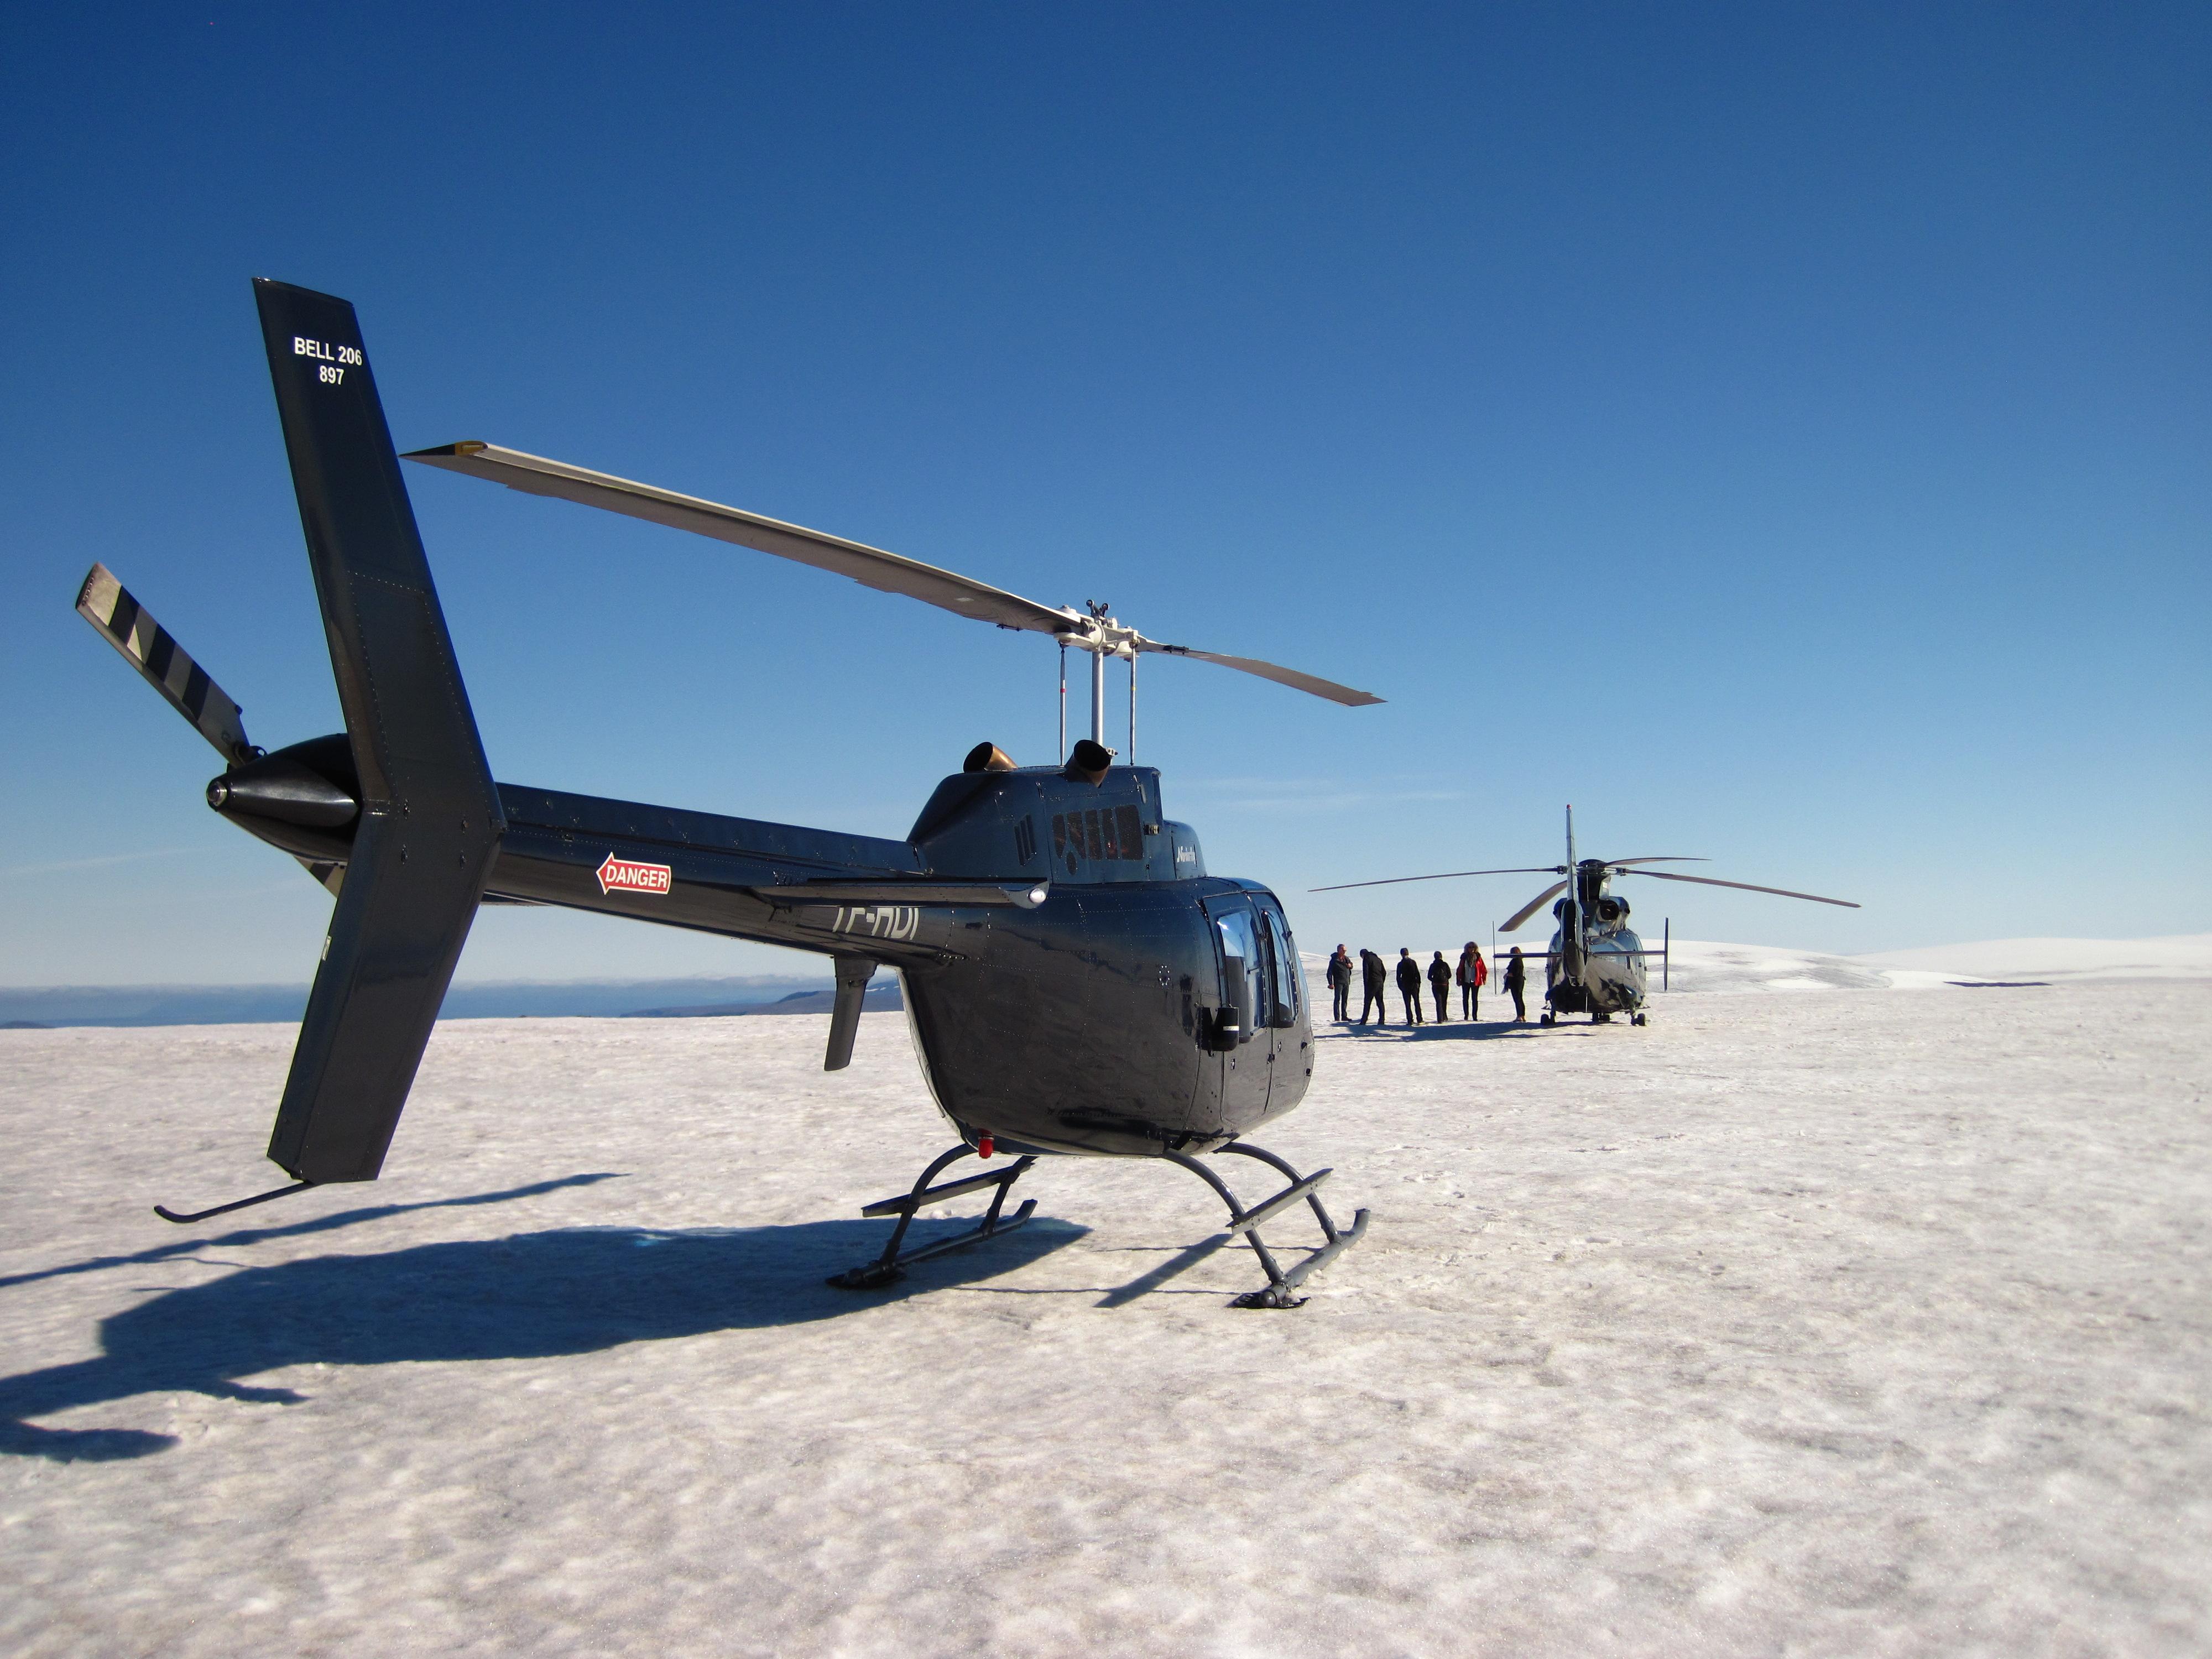 헬리콥터로 도착할 수 있는 곳인데 왜 빙하하이킹을 하시나요';